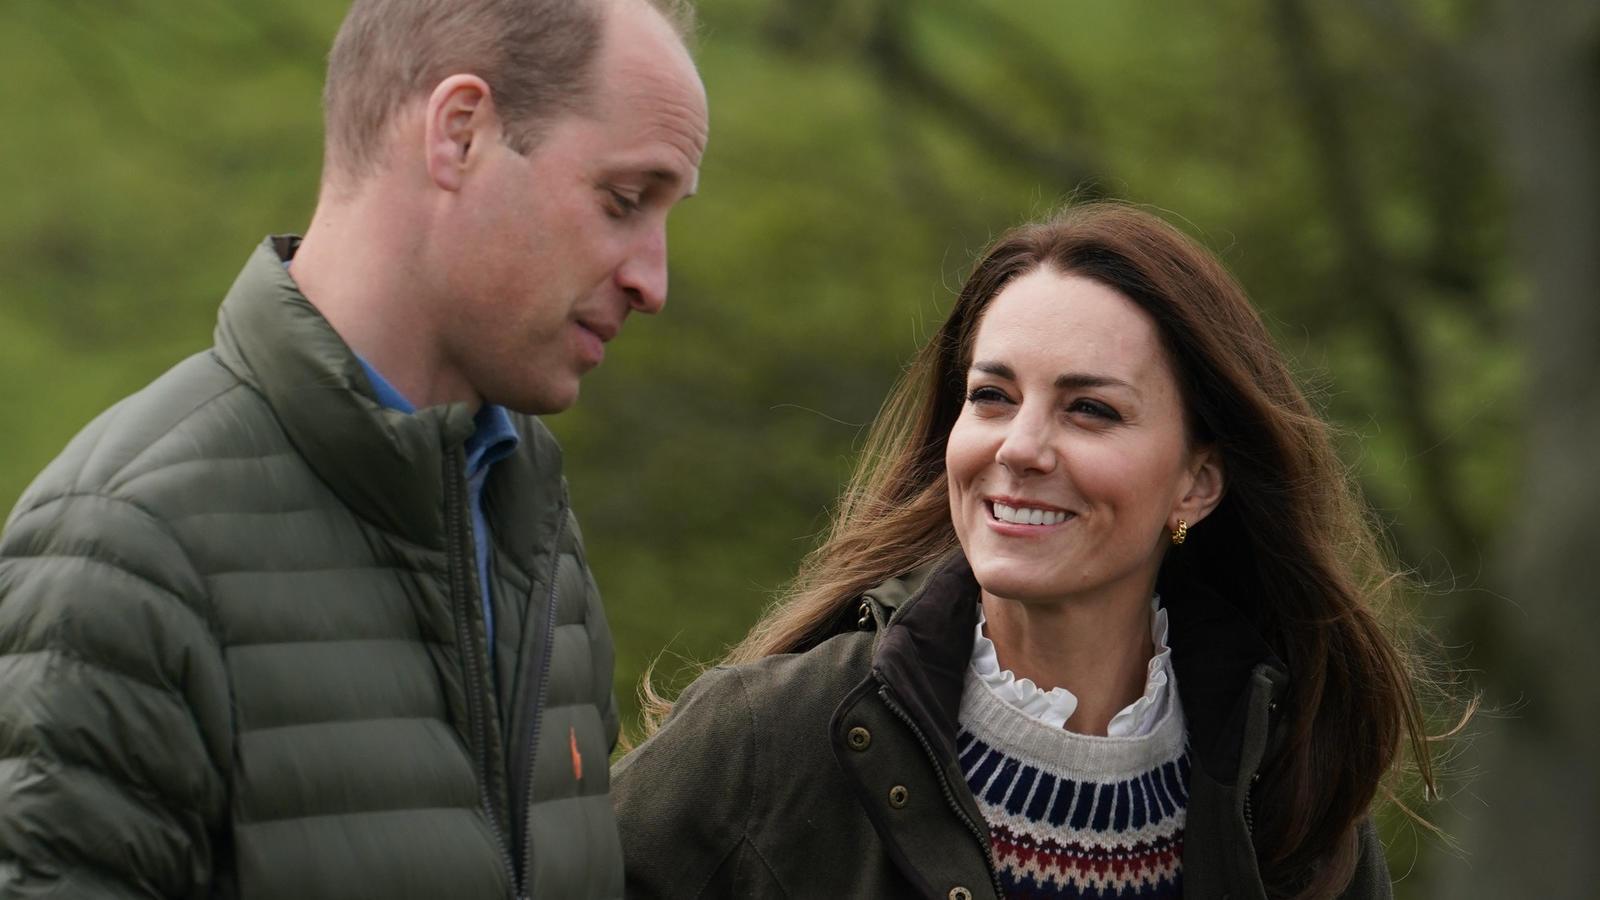 Prinz William und Herzogin Kate feiern ihren 10. Hochzeitstag.